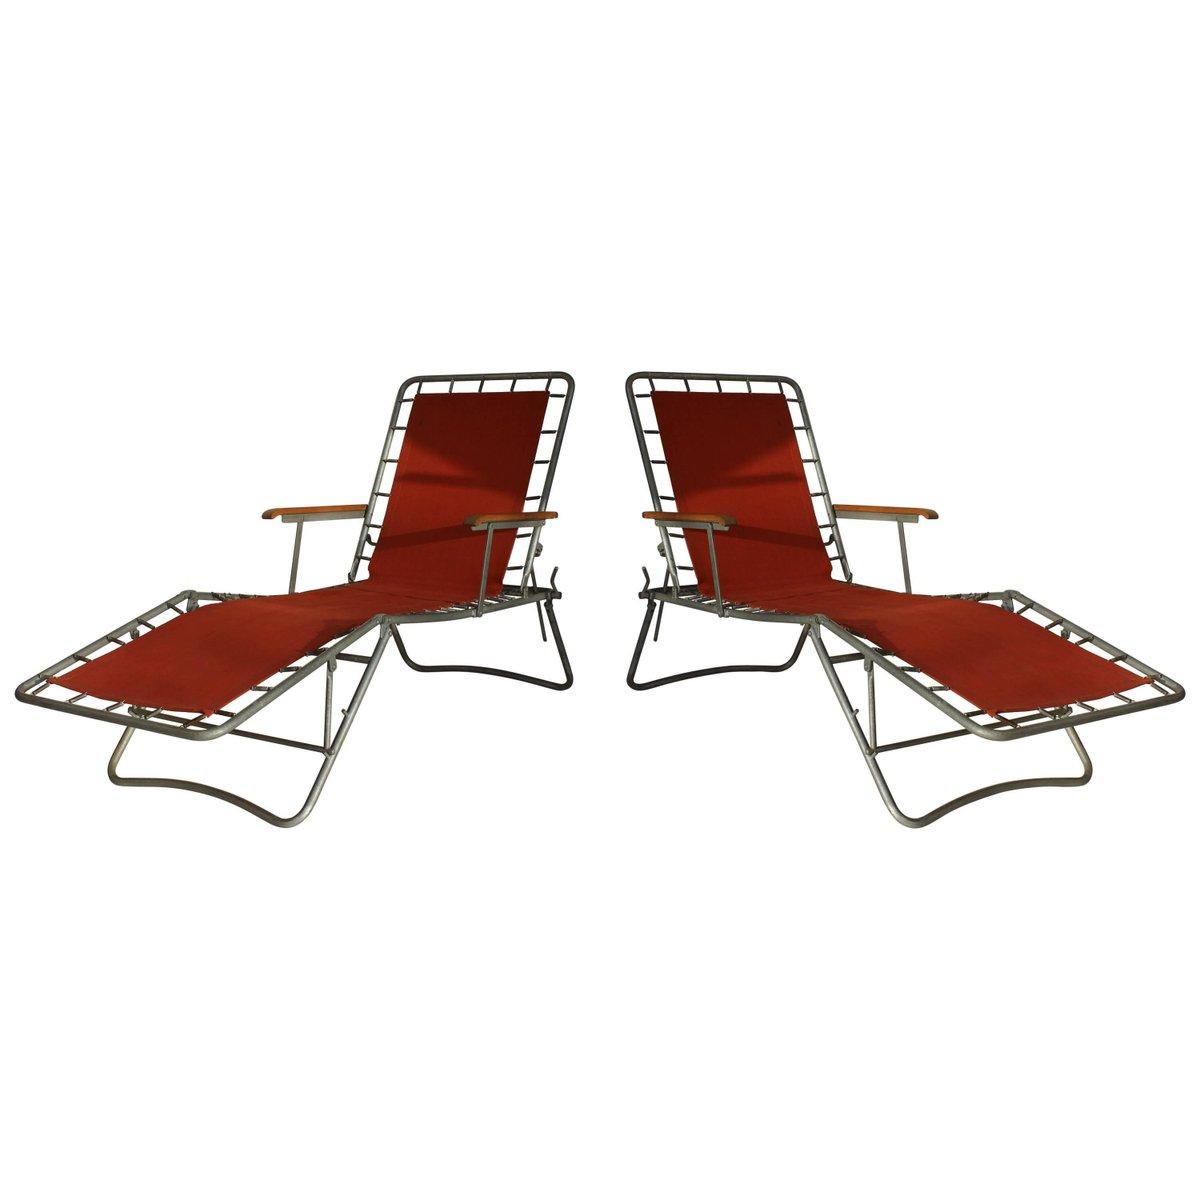 Italienische rote Metall Liegestühle, 1950er, 2er Set